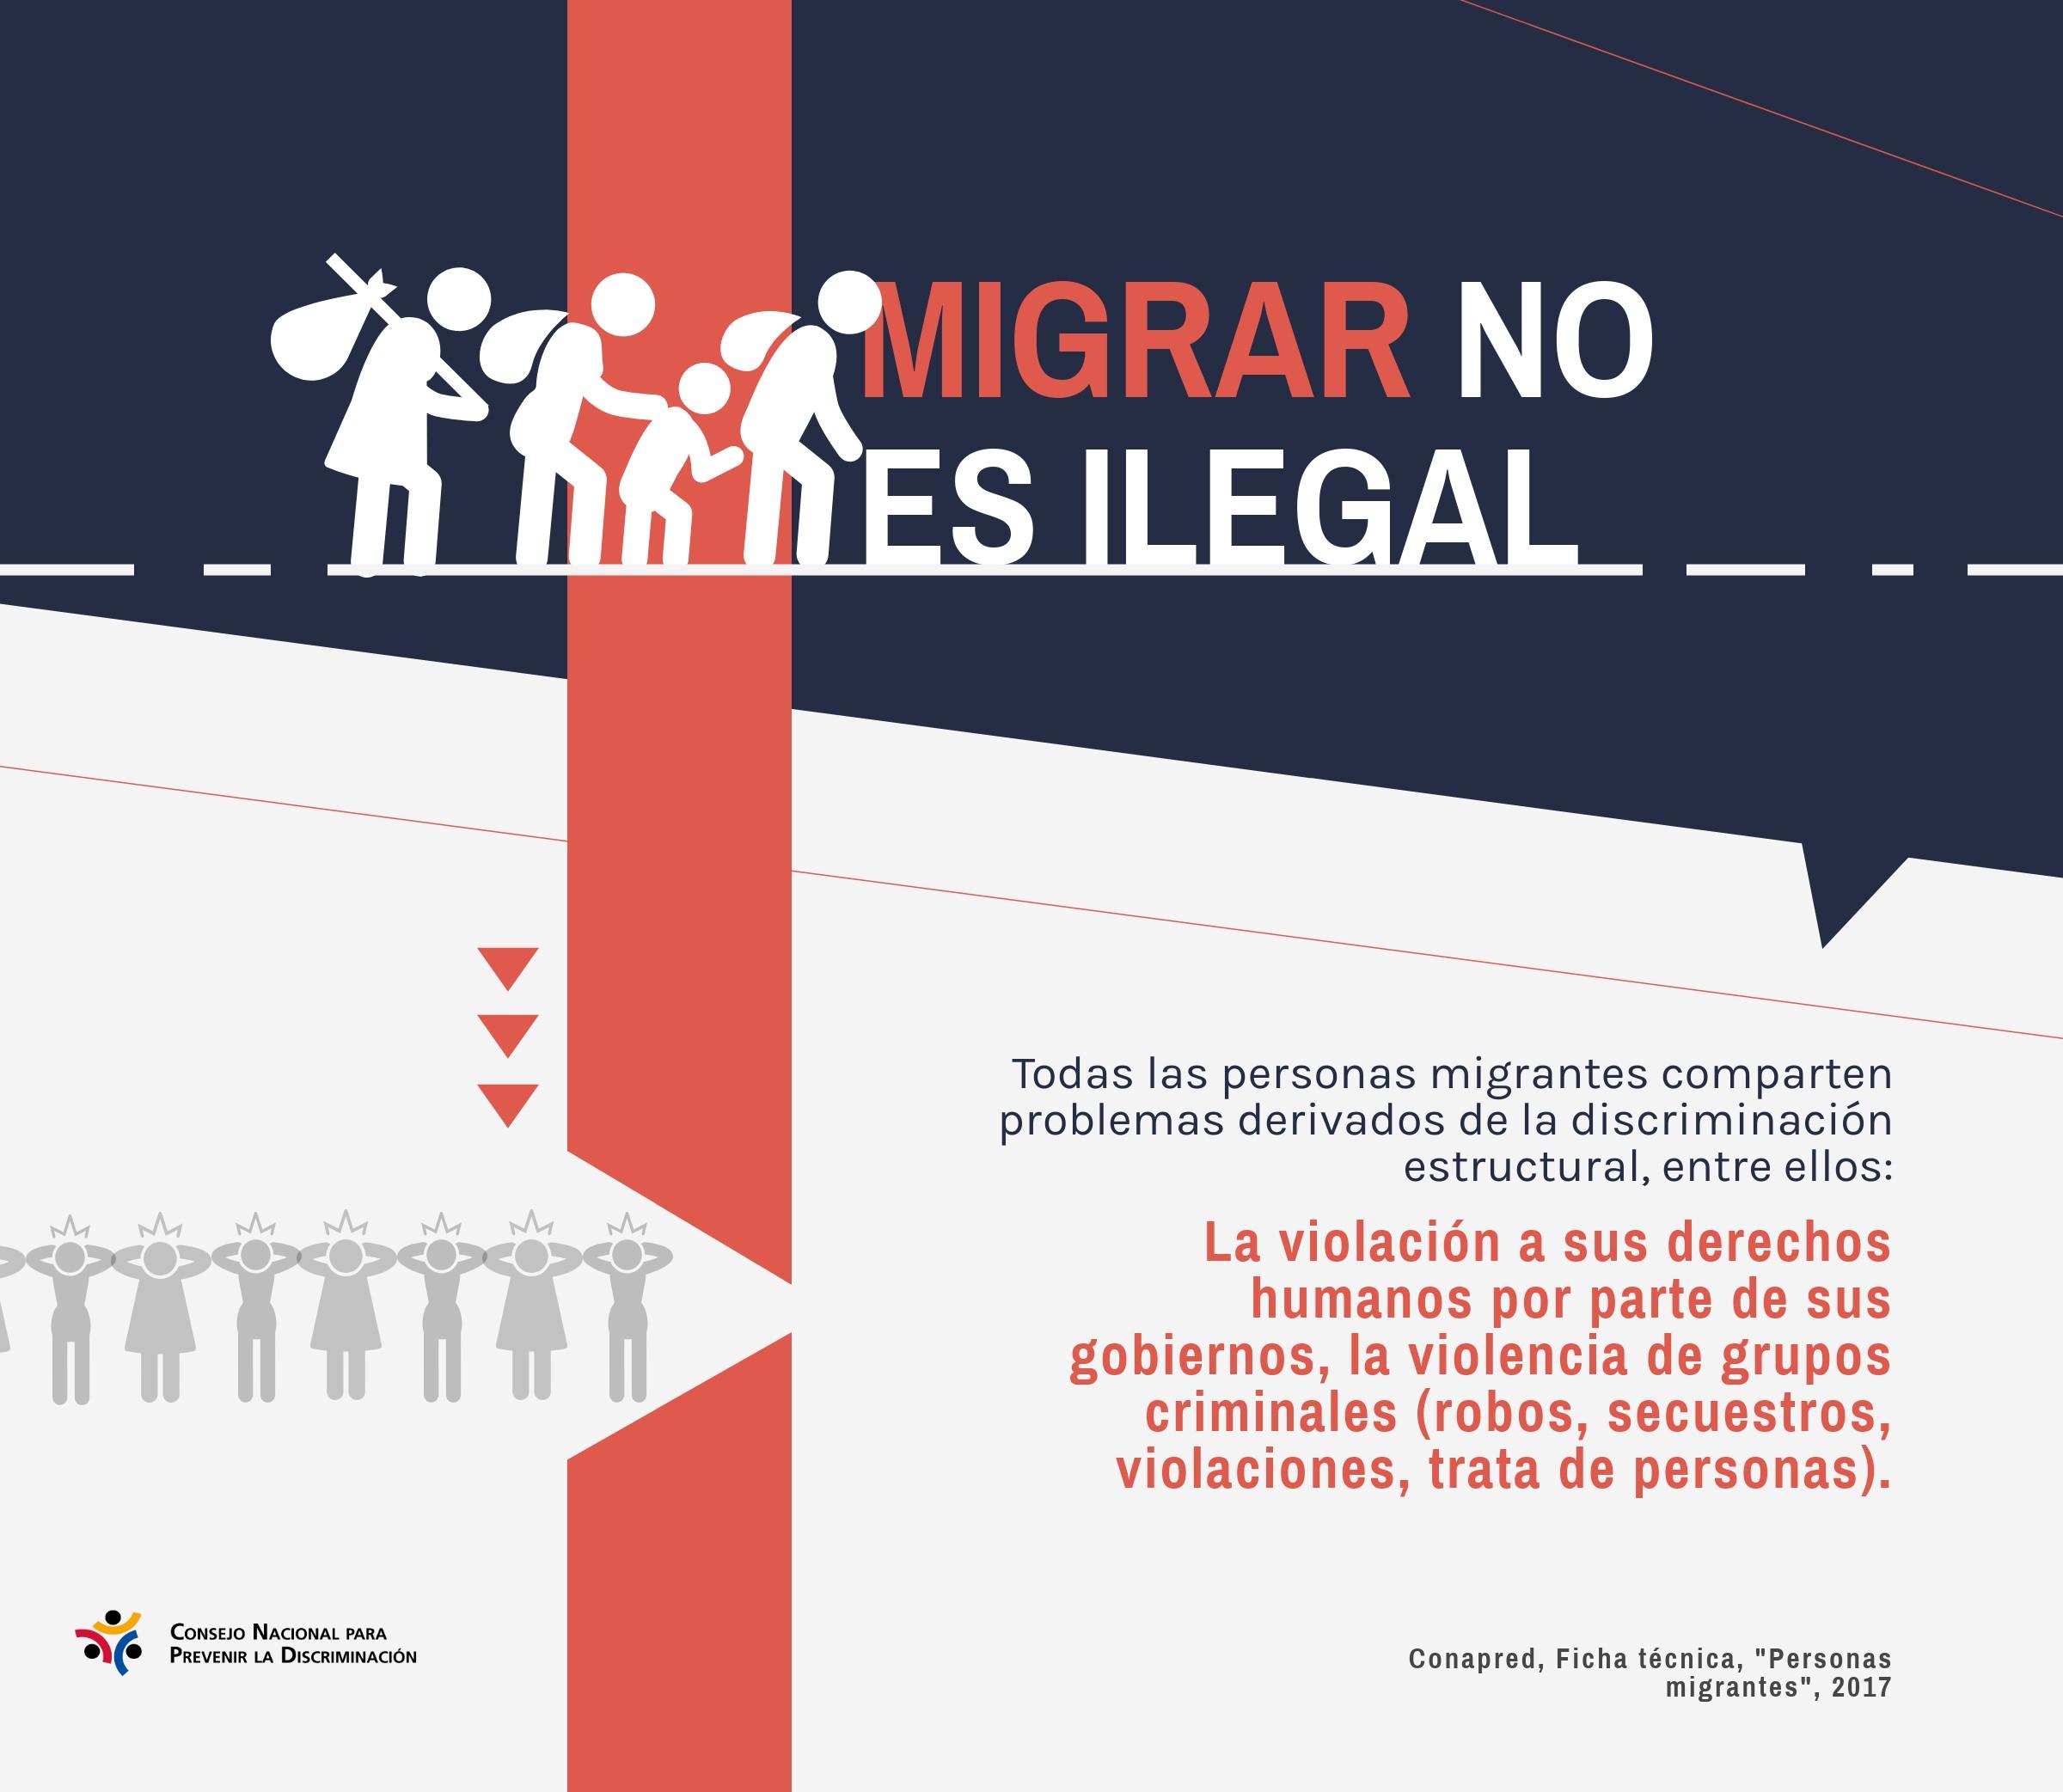 Gráfico que menciona por qué la migración no es ilegal